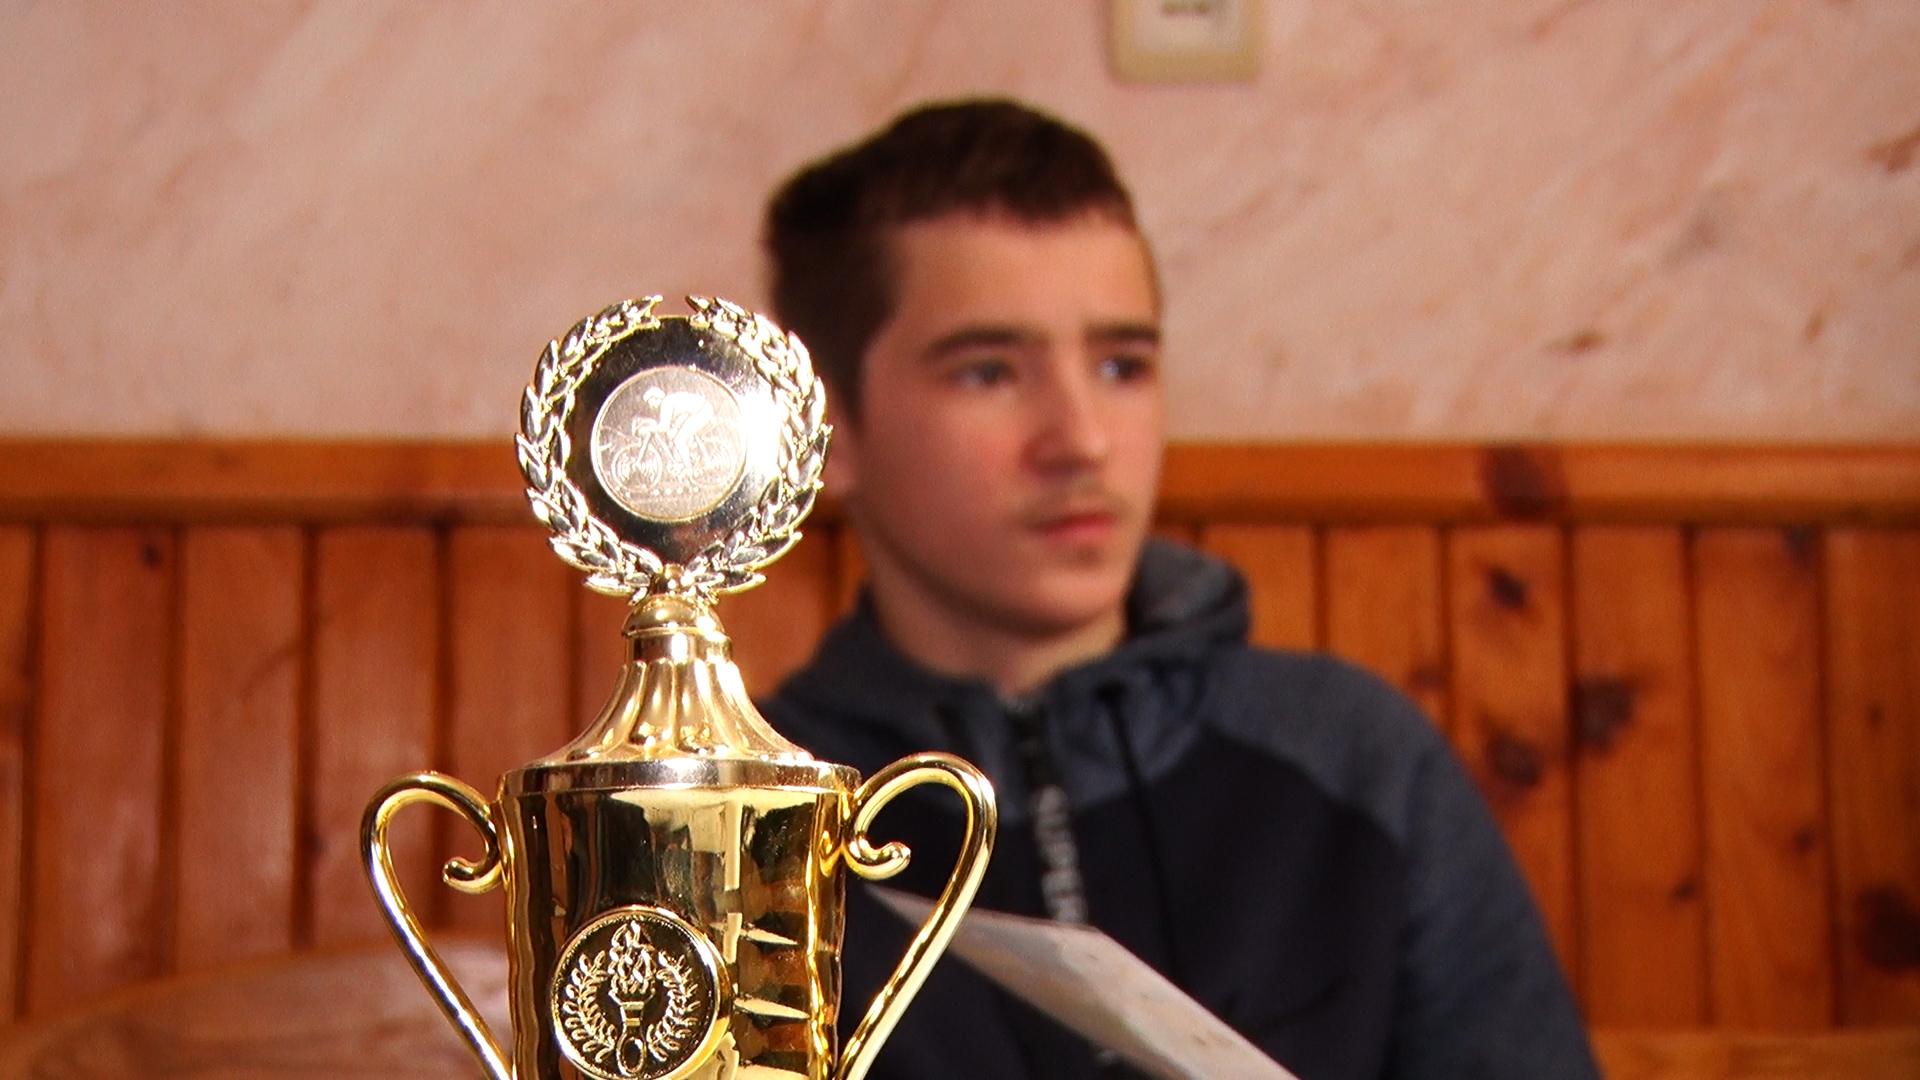 У селі Черник Свалявського району проживає юний призер чемпіонатів України із велоспорту (ВІДЕО)